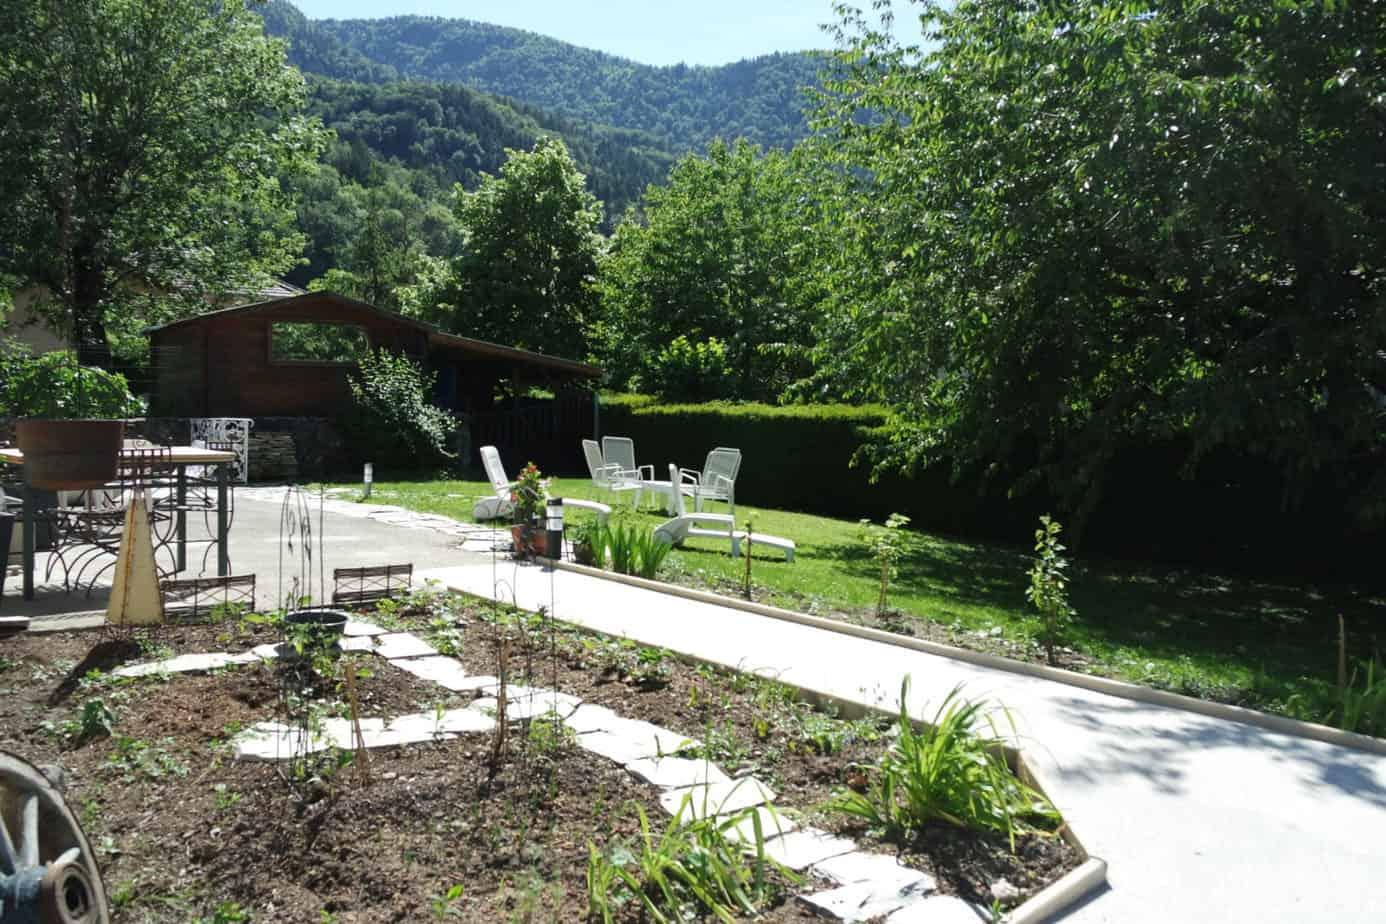 Le gite dispose d'une terrasse calme et accessible avec des coins ombragés